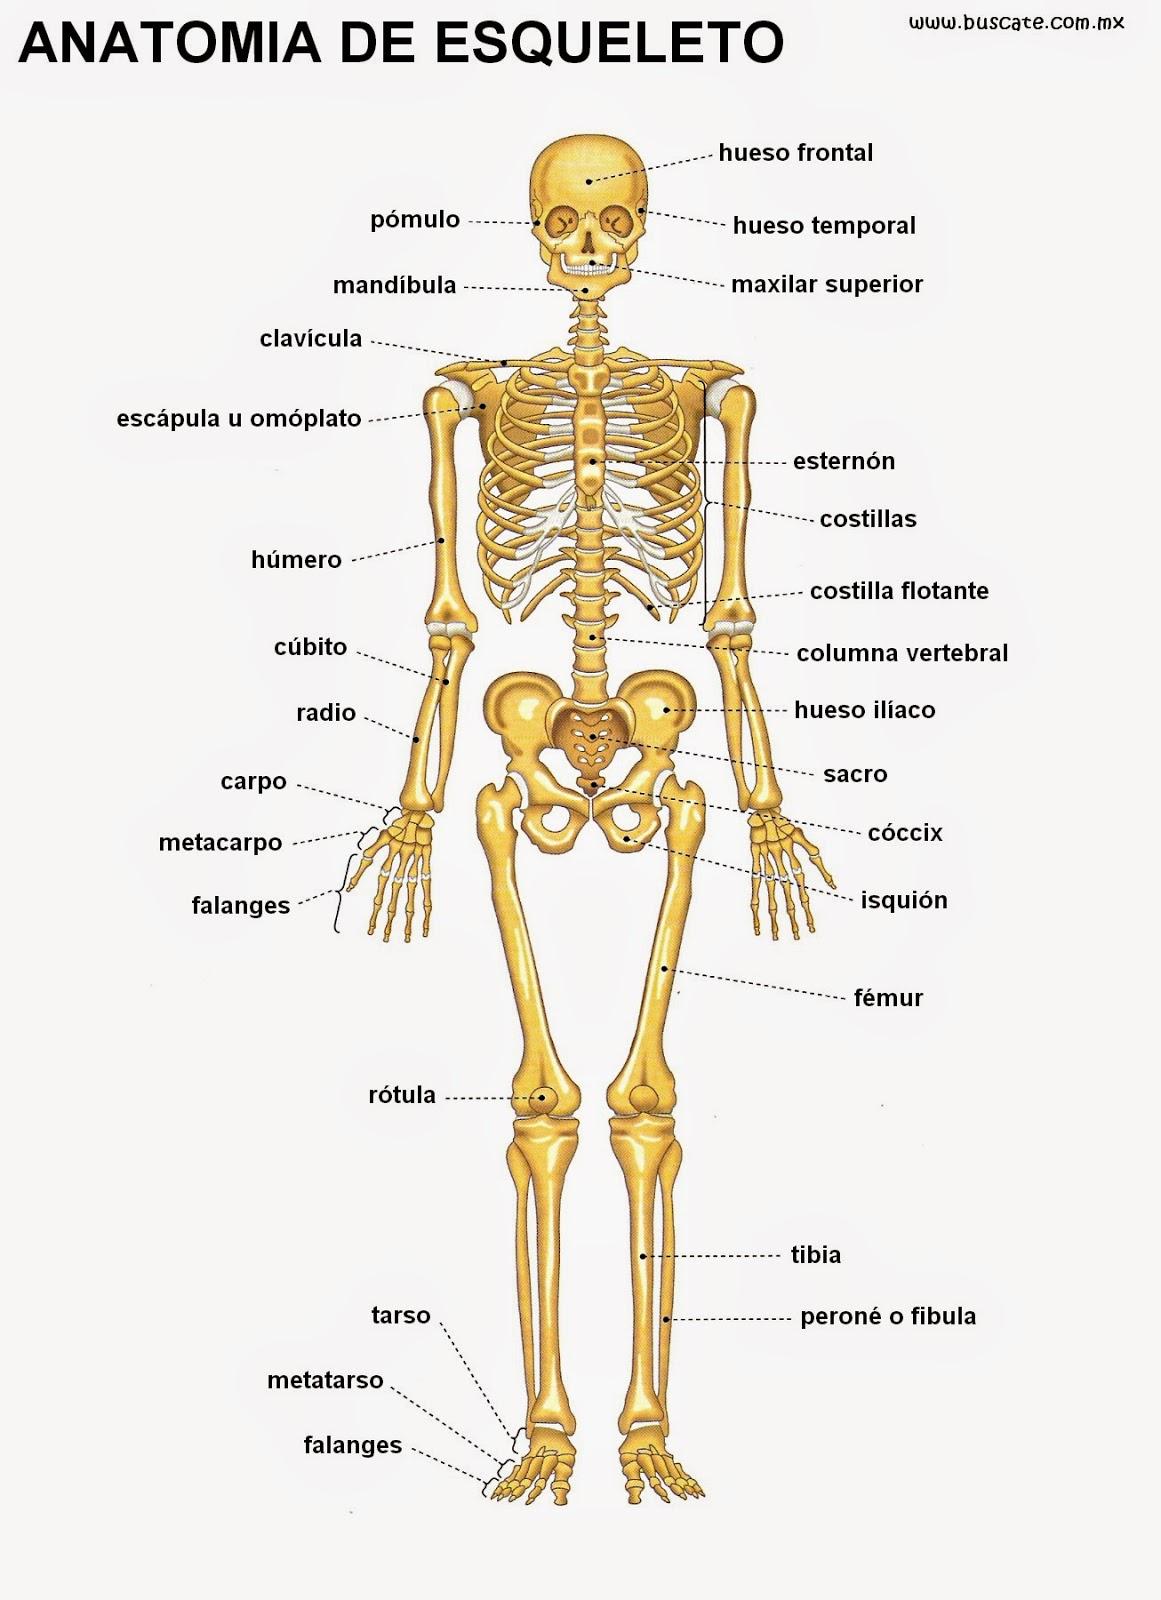 Dorable Armar Nombres De Los Huesos Fotos - Imágenes de Anatomía ...